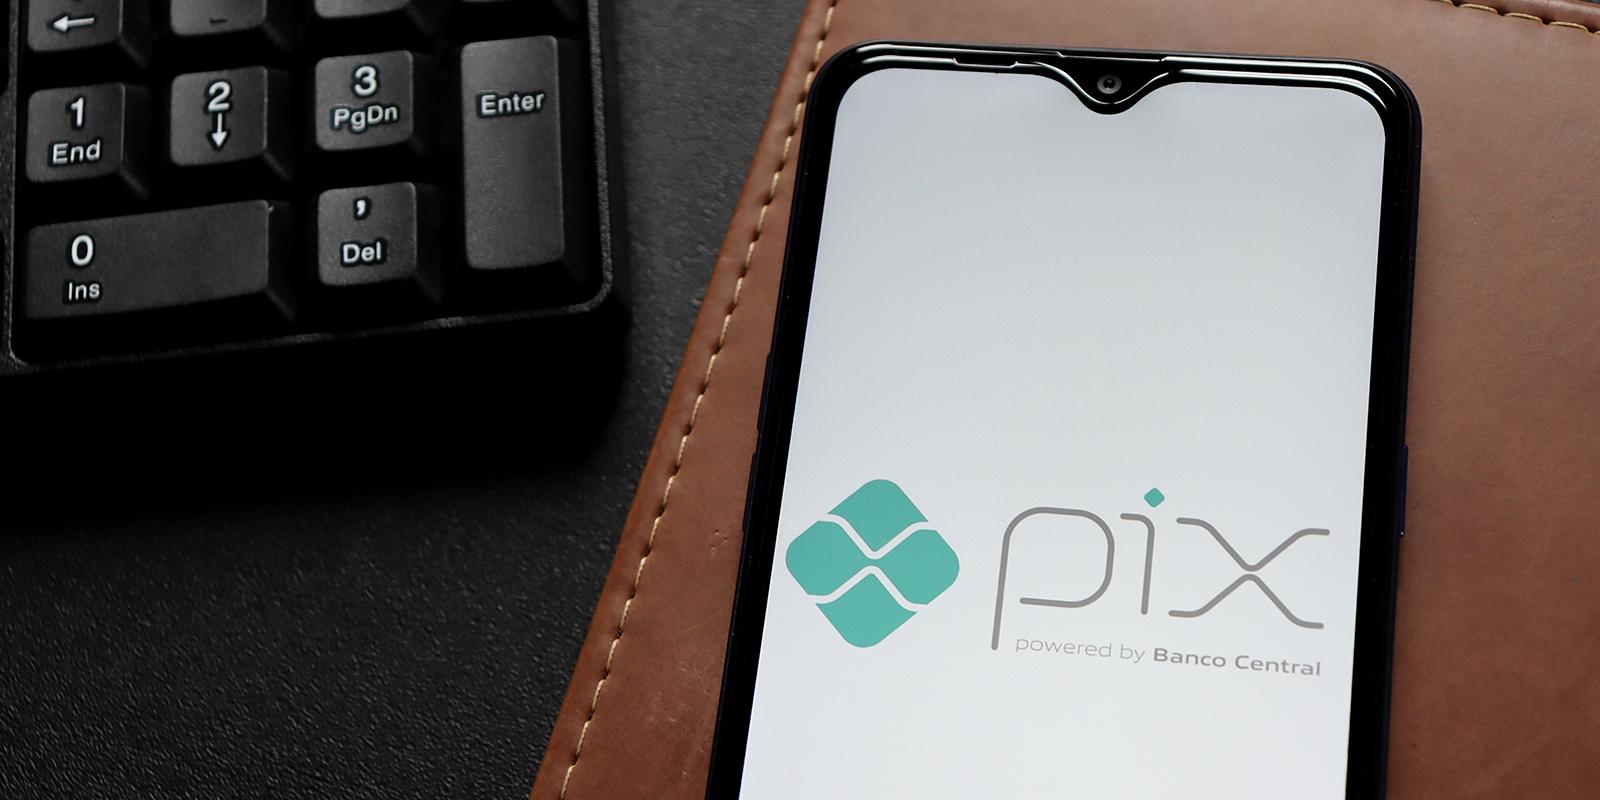 Pix: conheça as próximas atualizações do sistema de pagamento digital